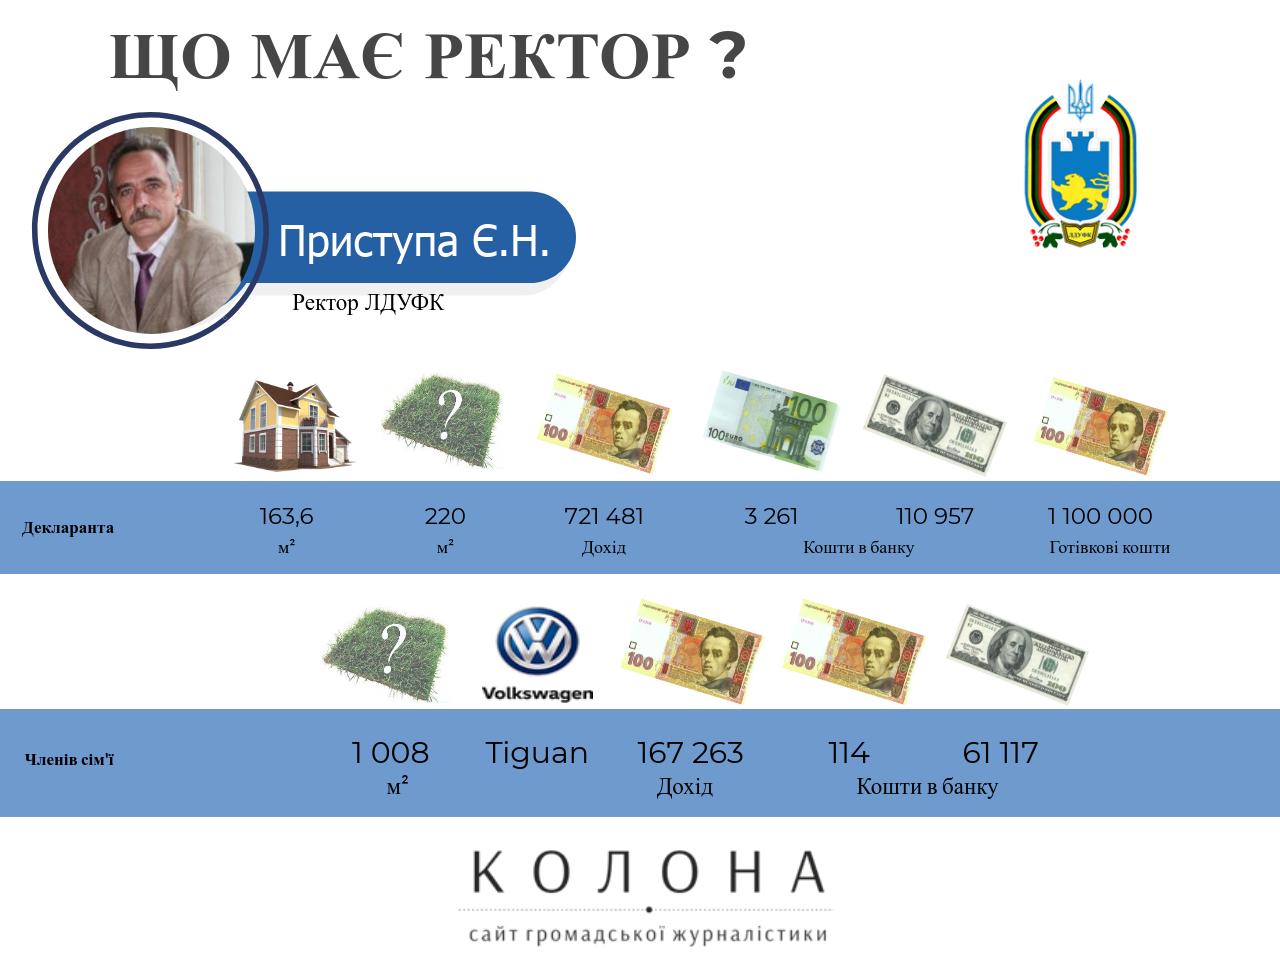 Приступа Євгеній Никодимович